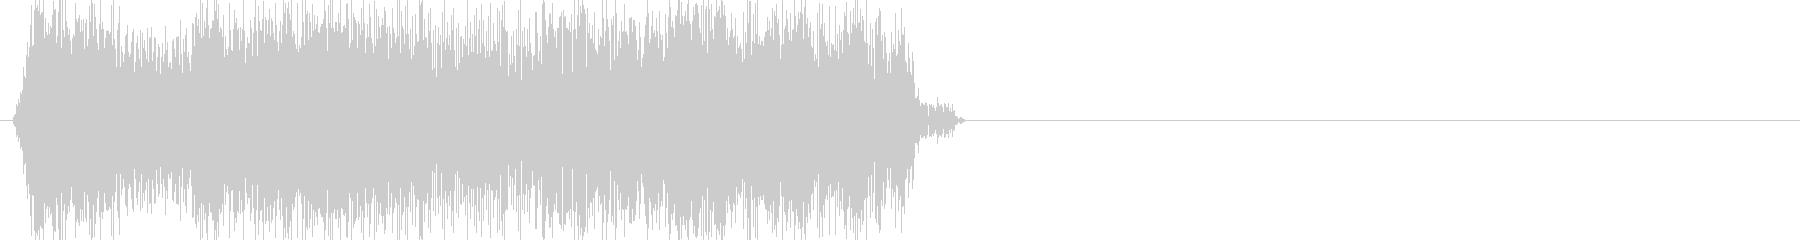 ピヨーンとなる効果音、ゲームのボタン音の未再生の波形